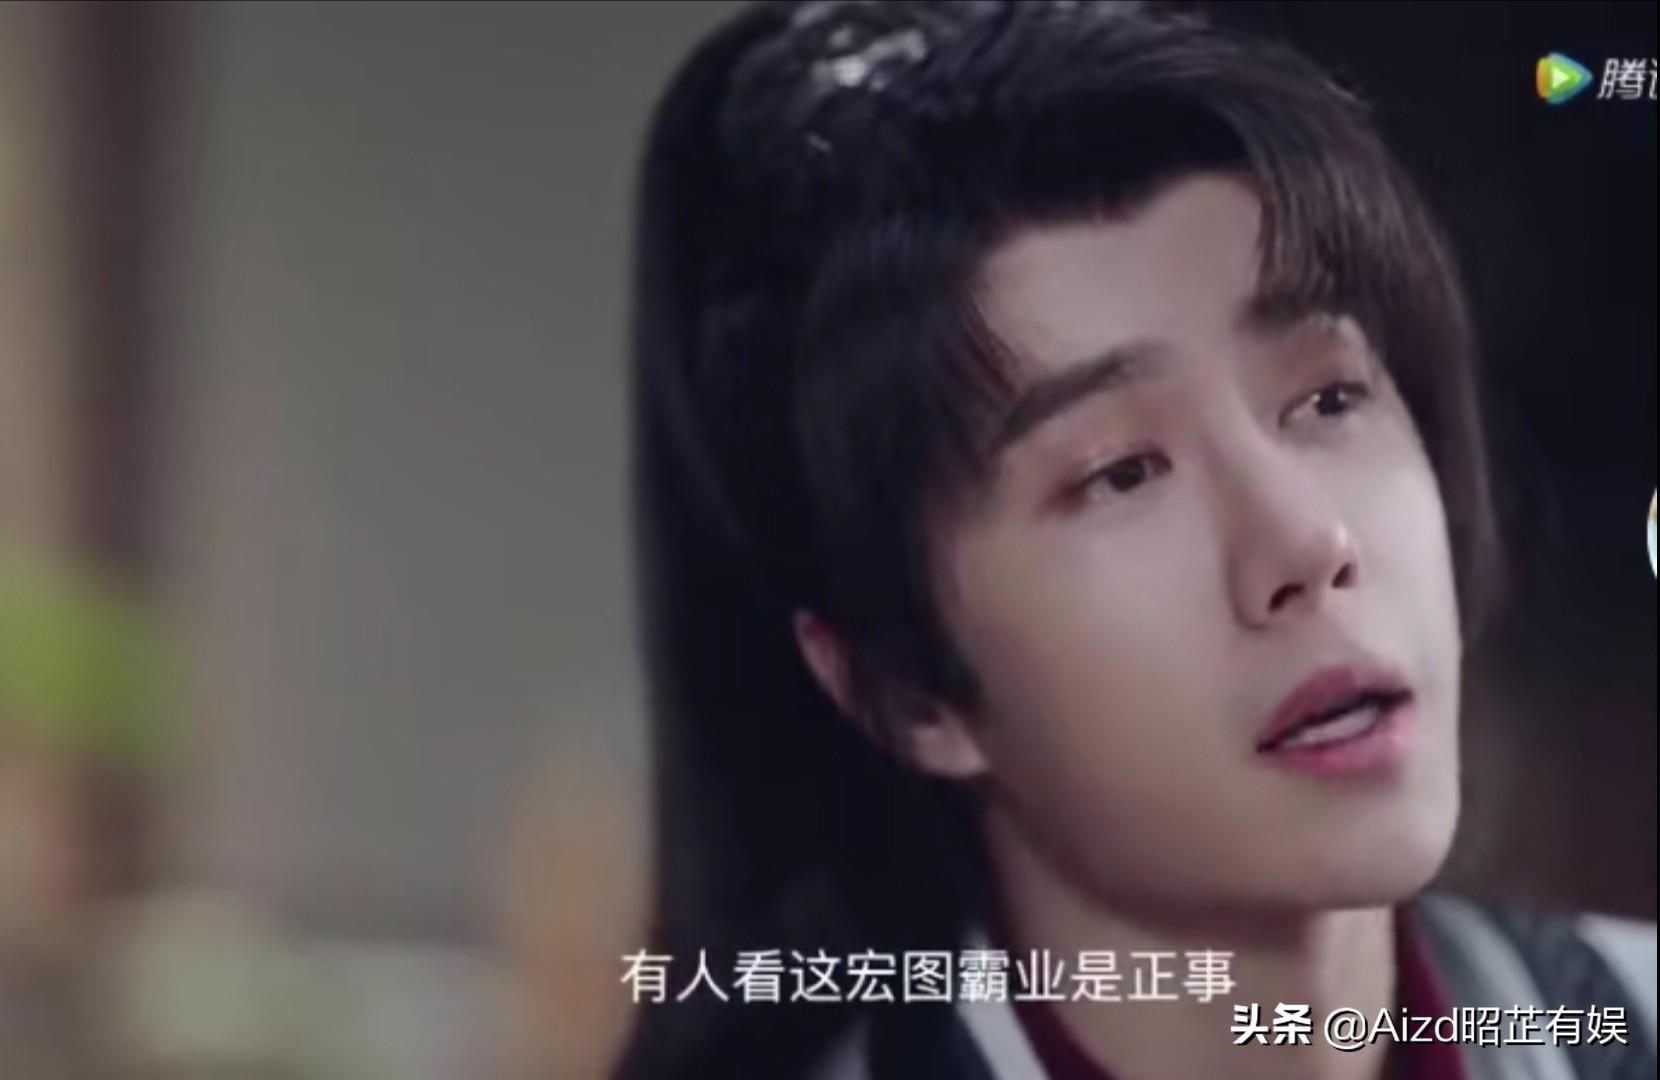 腾讯2021片单:肖战斗罗大陆原声、王一博说赵丽颖是小美人